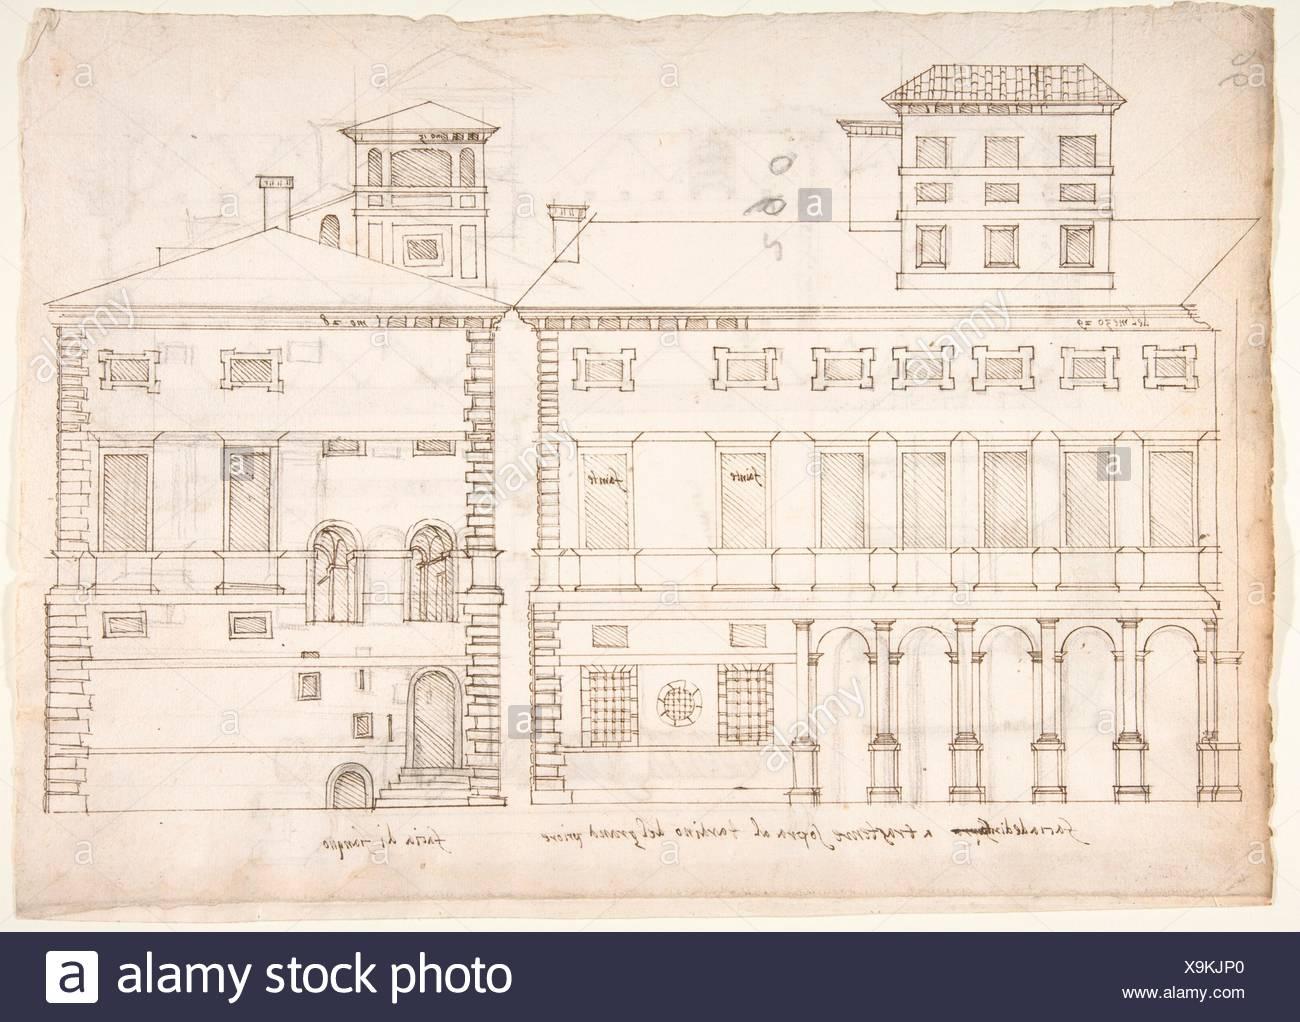 Palazzo Salviati-Adimari elevazioni (recto) Villa Farnesina maneggio, in pianta e di sezione; il disegno di una vite (verso). Relatore per parere: disegnato da anonimo, Immagini Stock